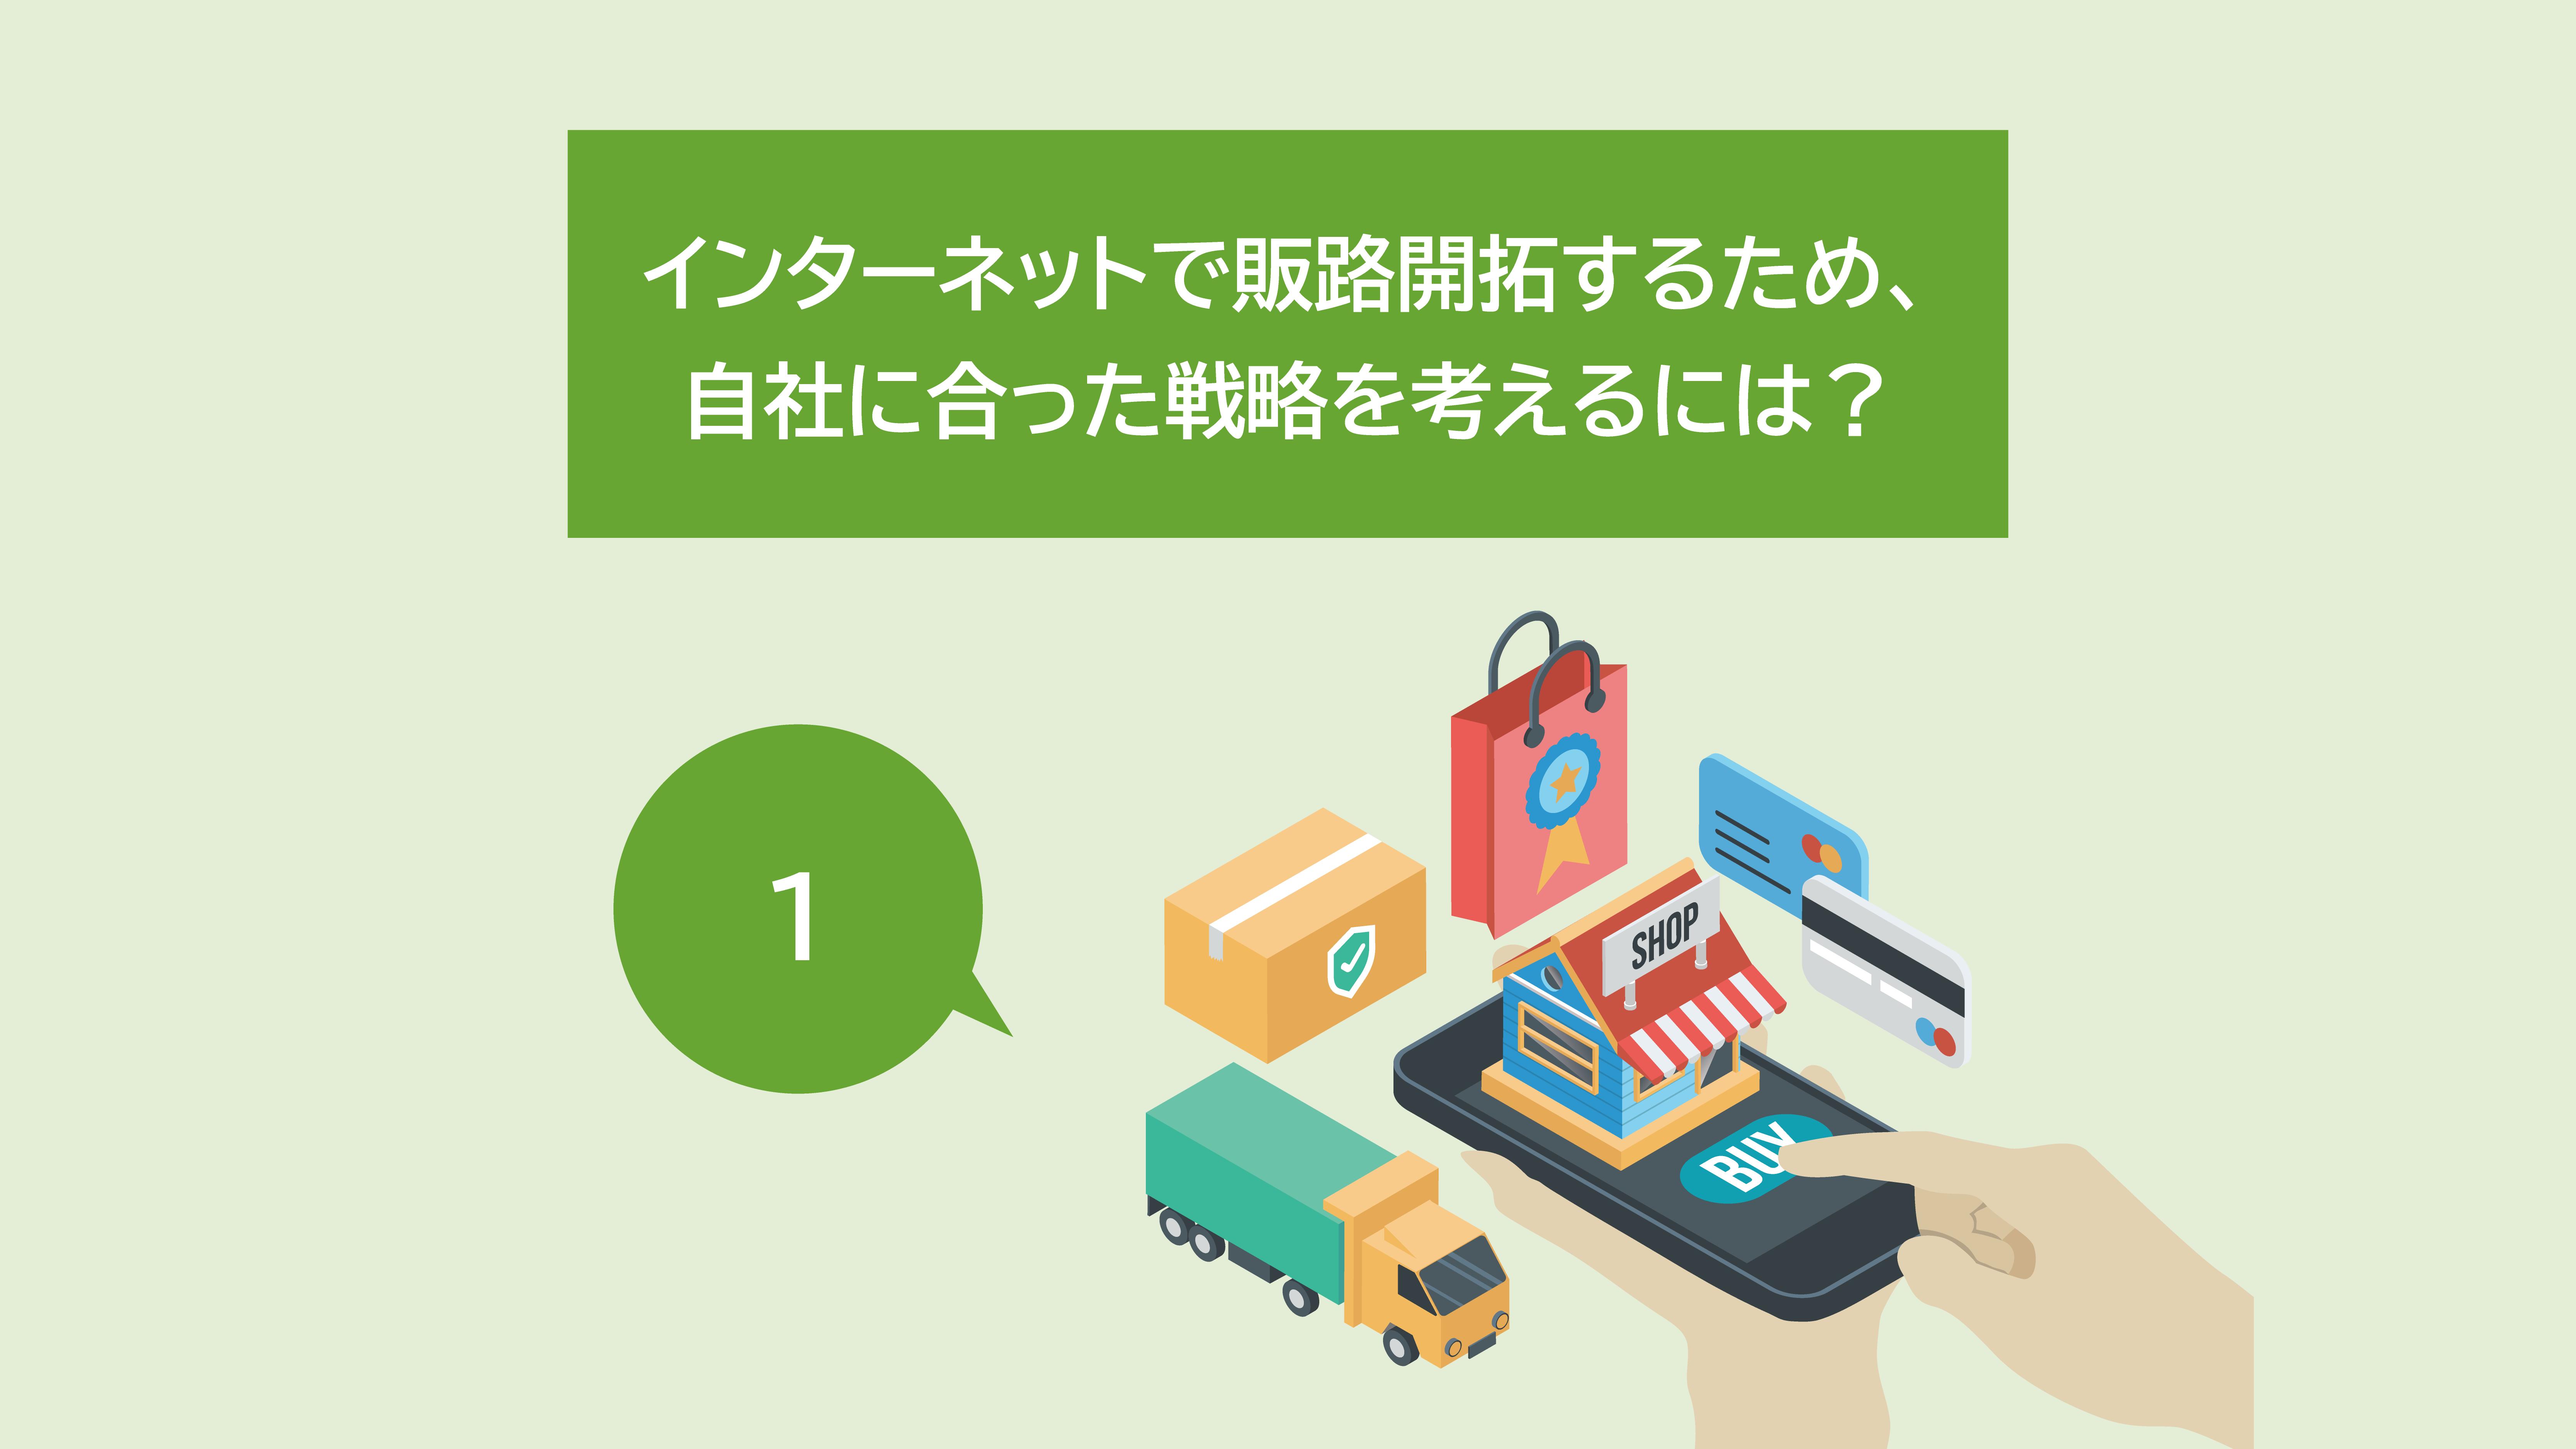 販路開拓をするための選択肢とは?